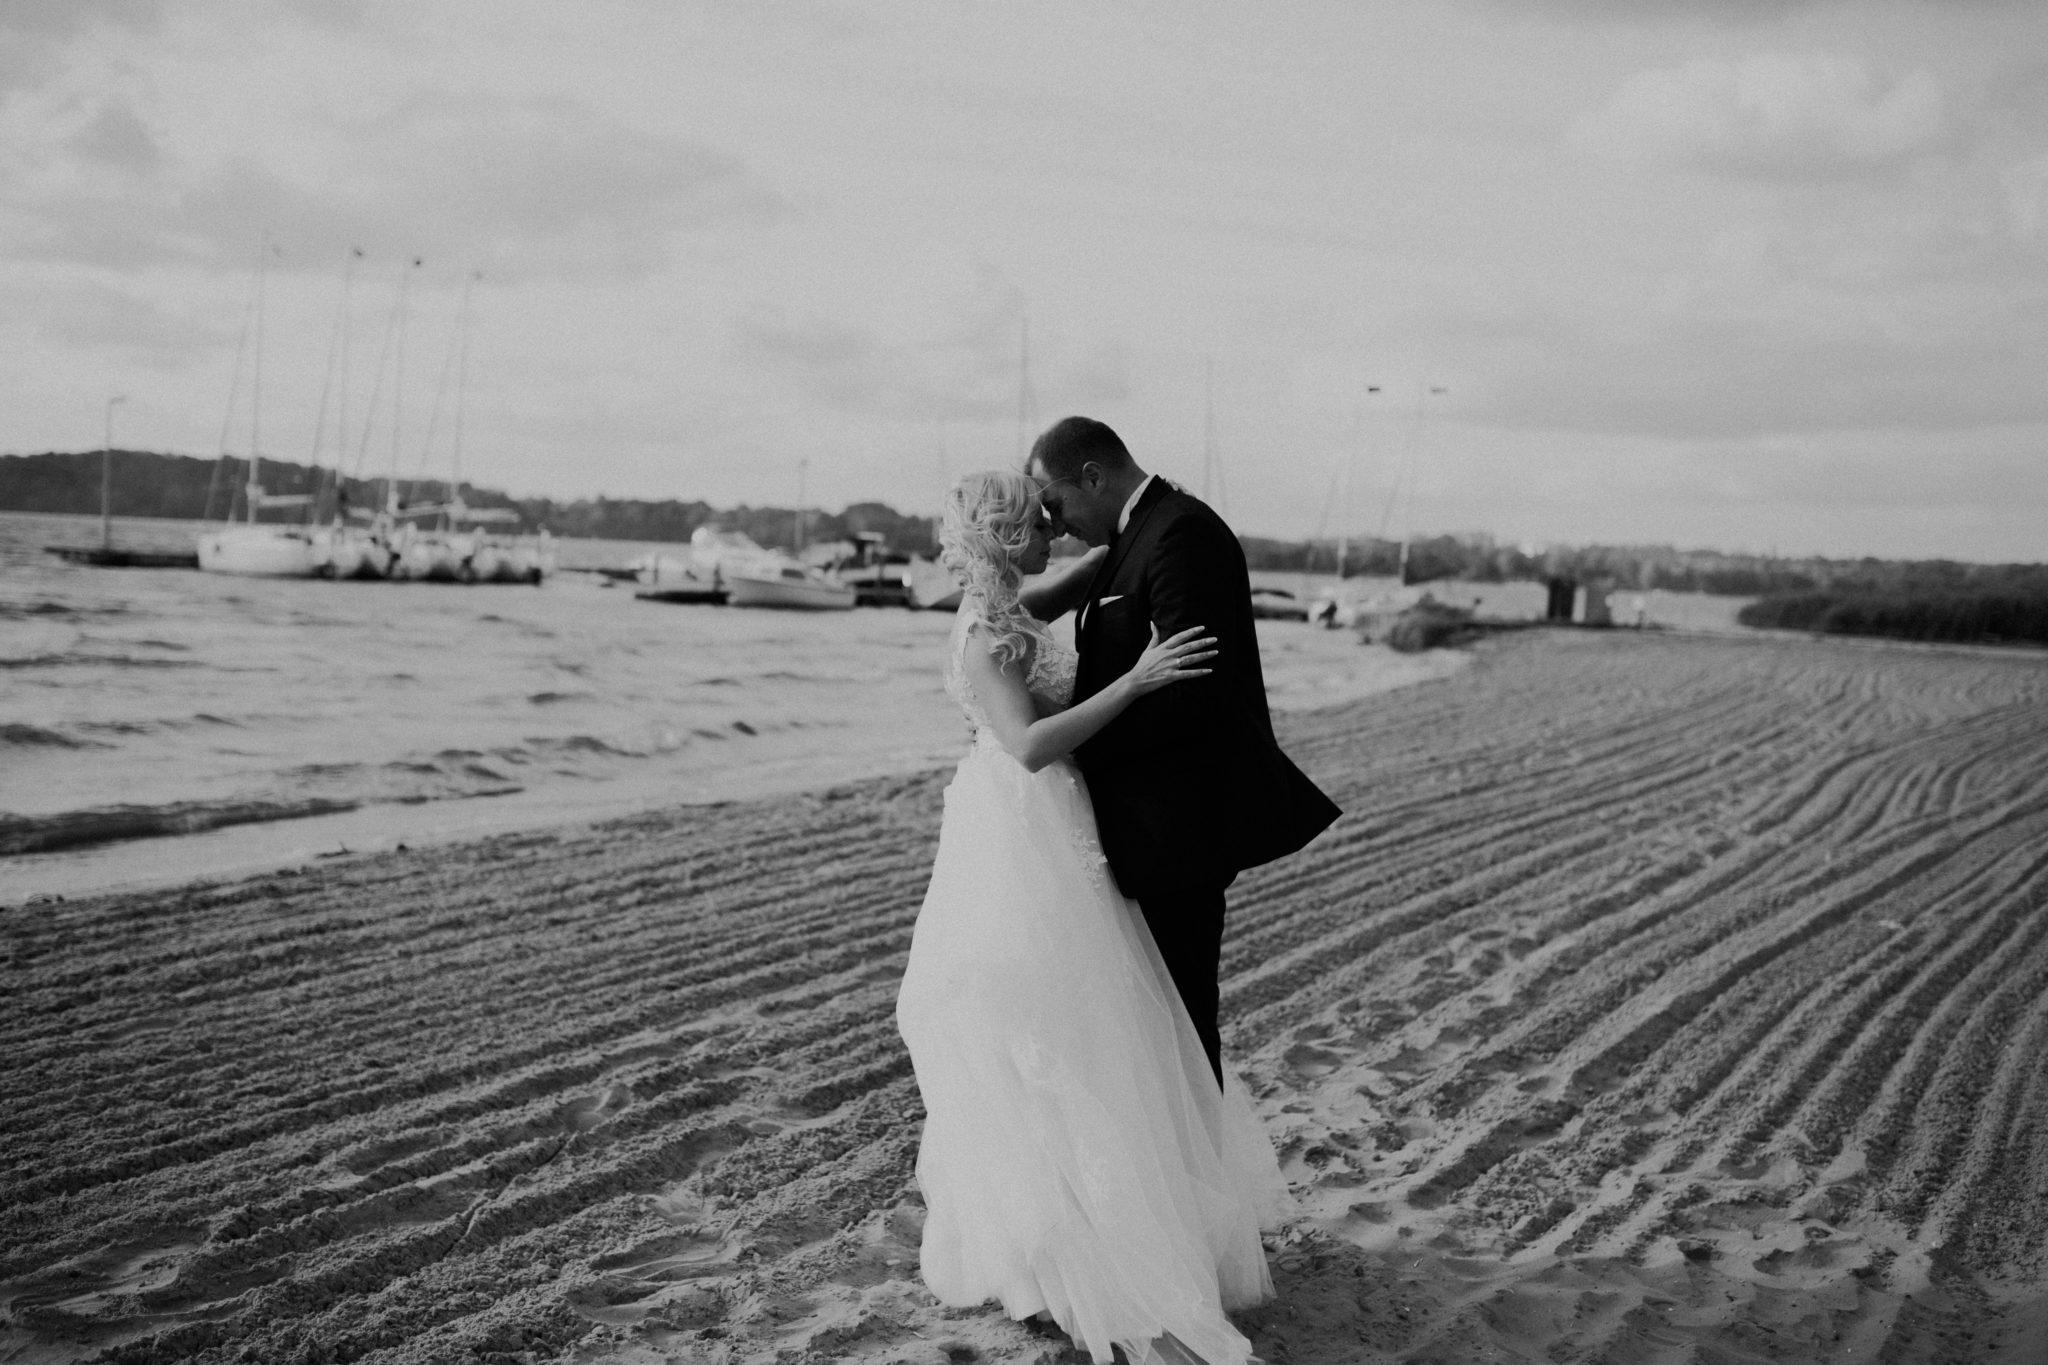 asia i mateuszplener 4 - fotografiaam Fotografia ślubna RK wedding